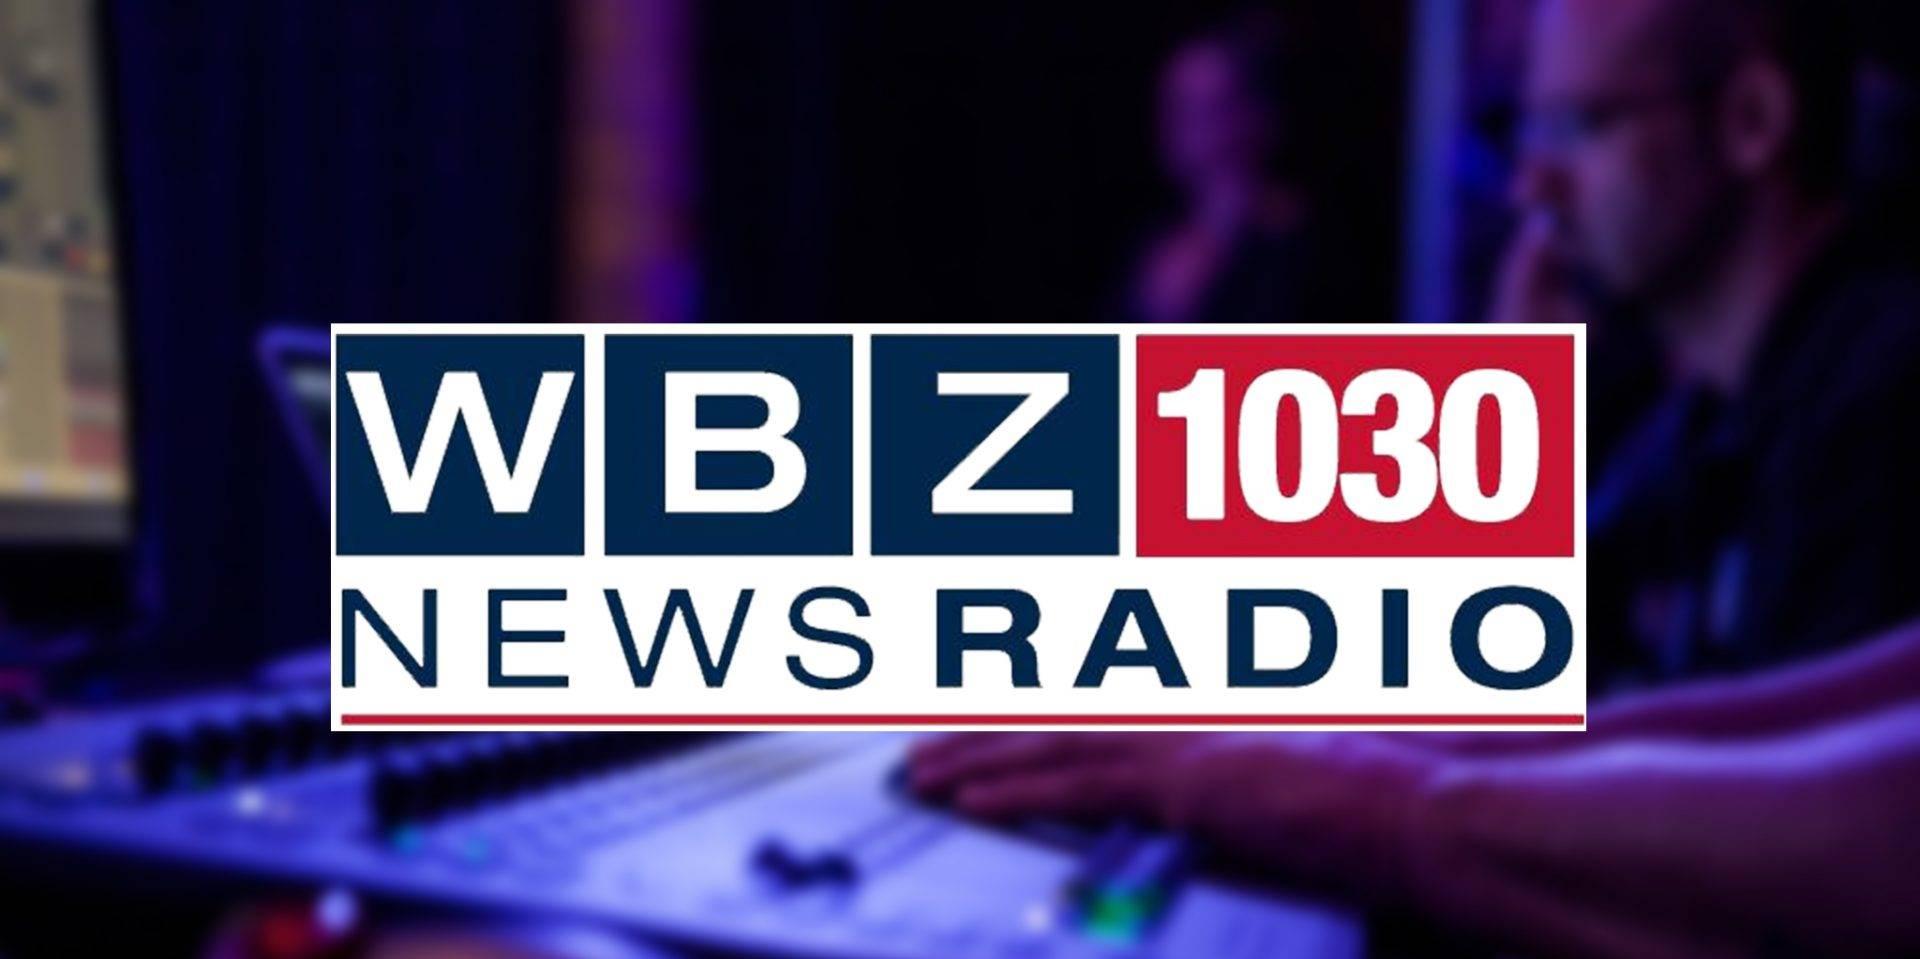 WBZ 1030 News Radio